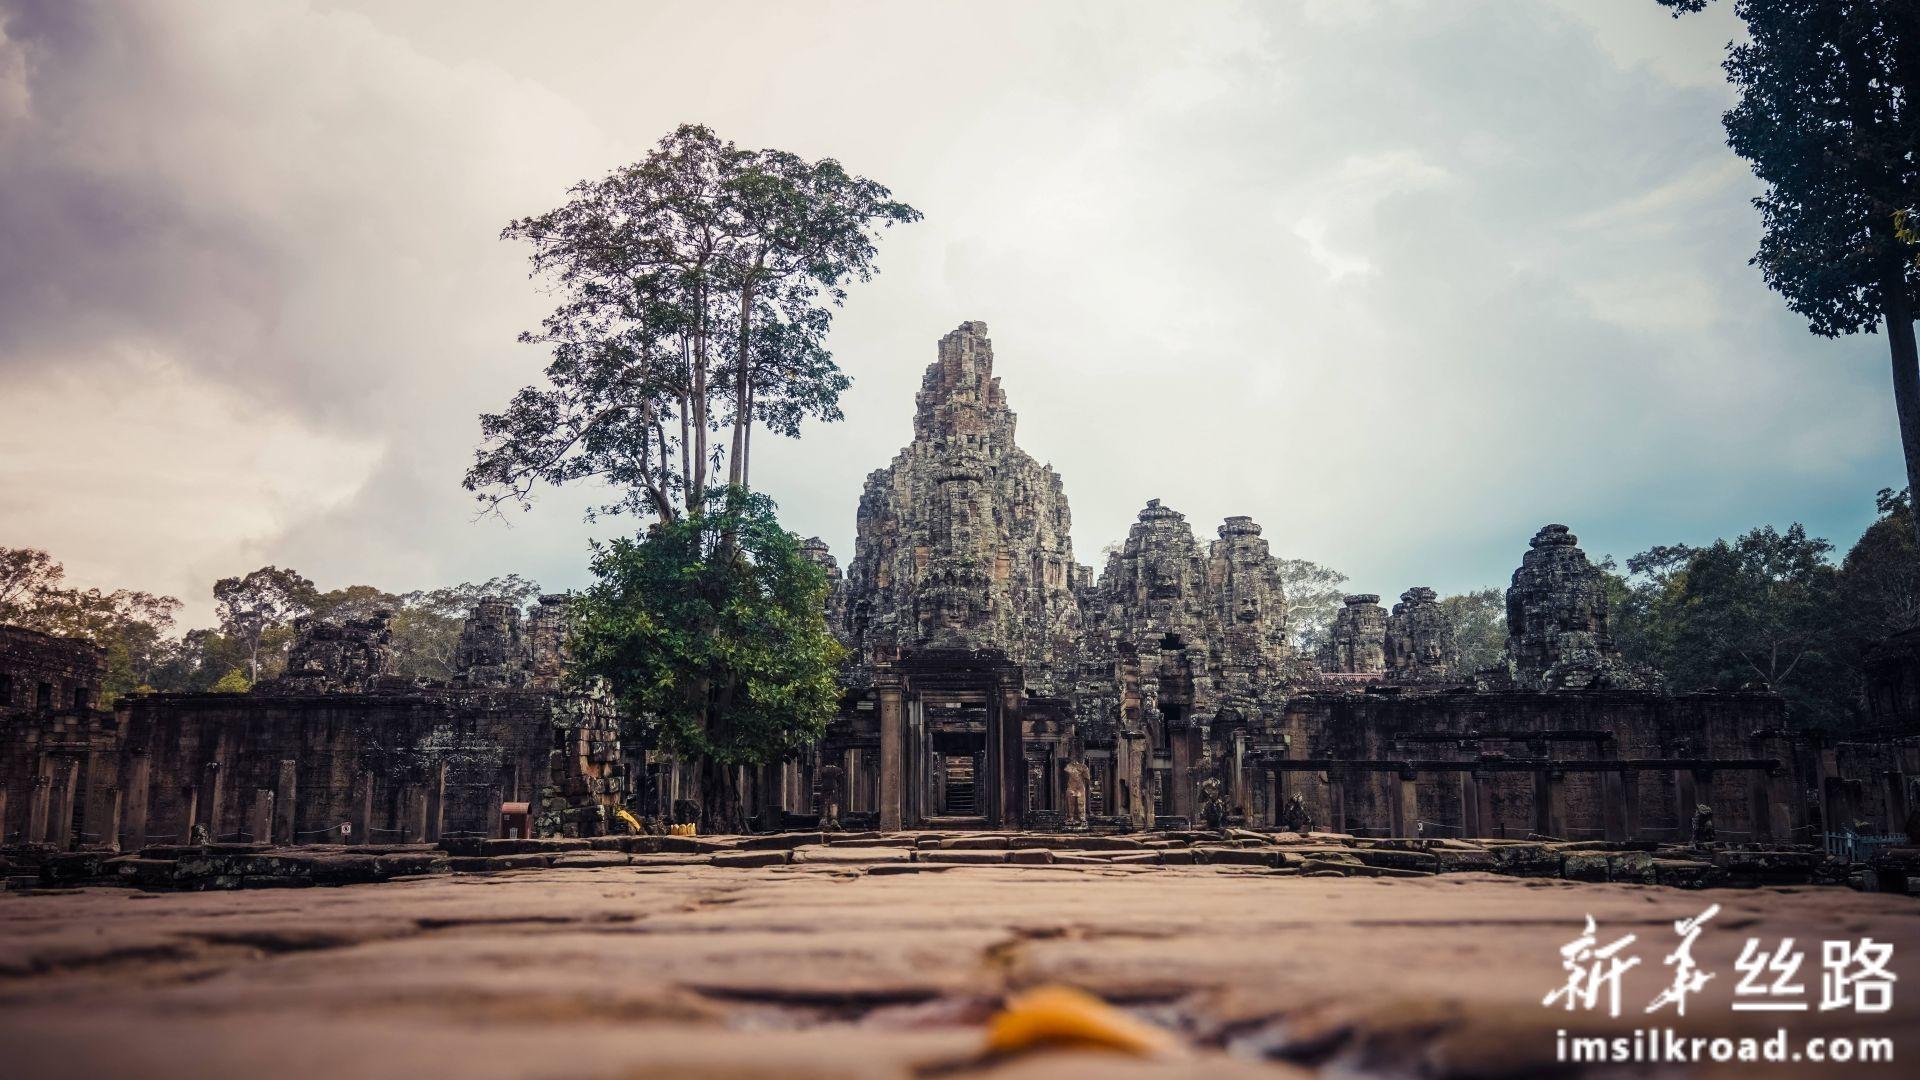 图为9月17日,在柬埔寨暹粒吴哥古迹中拍摄的巴戎寺(Bayon Temple)。新华社发(李玉辉摄)